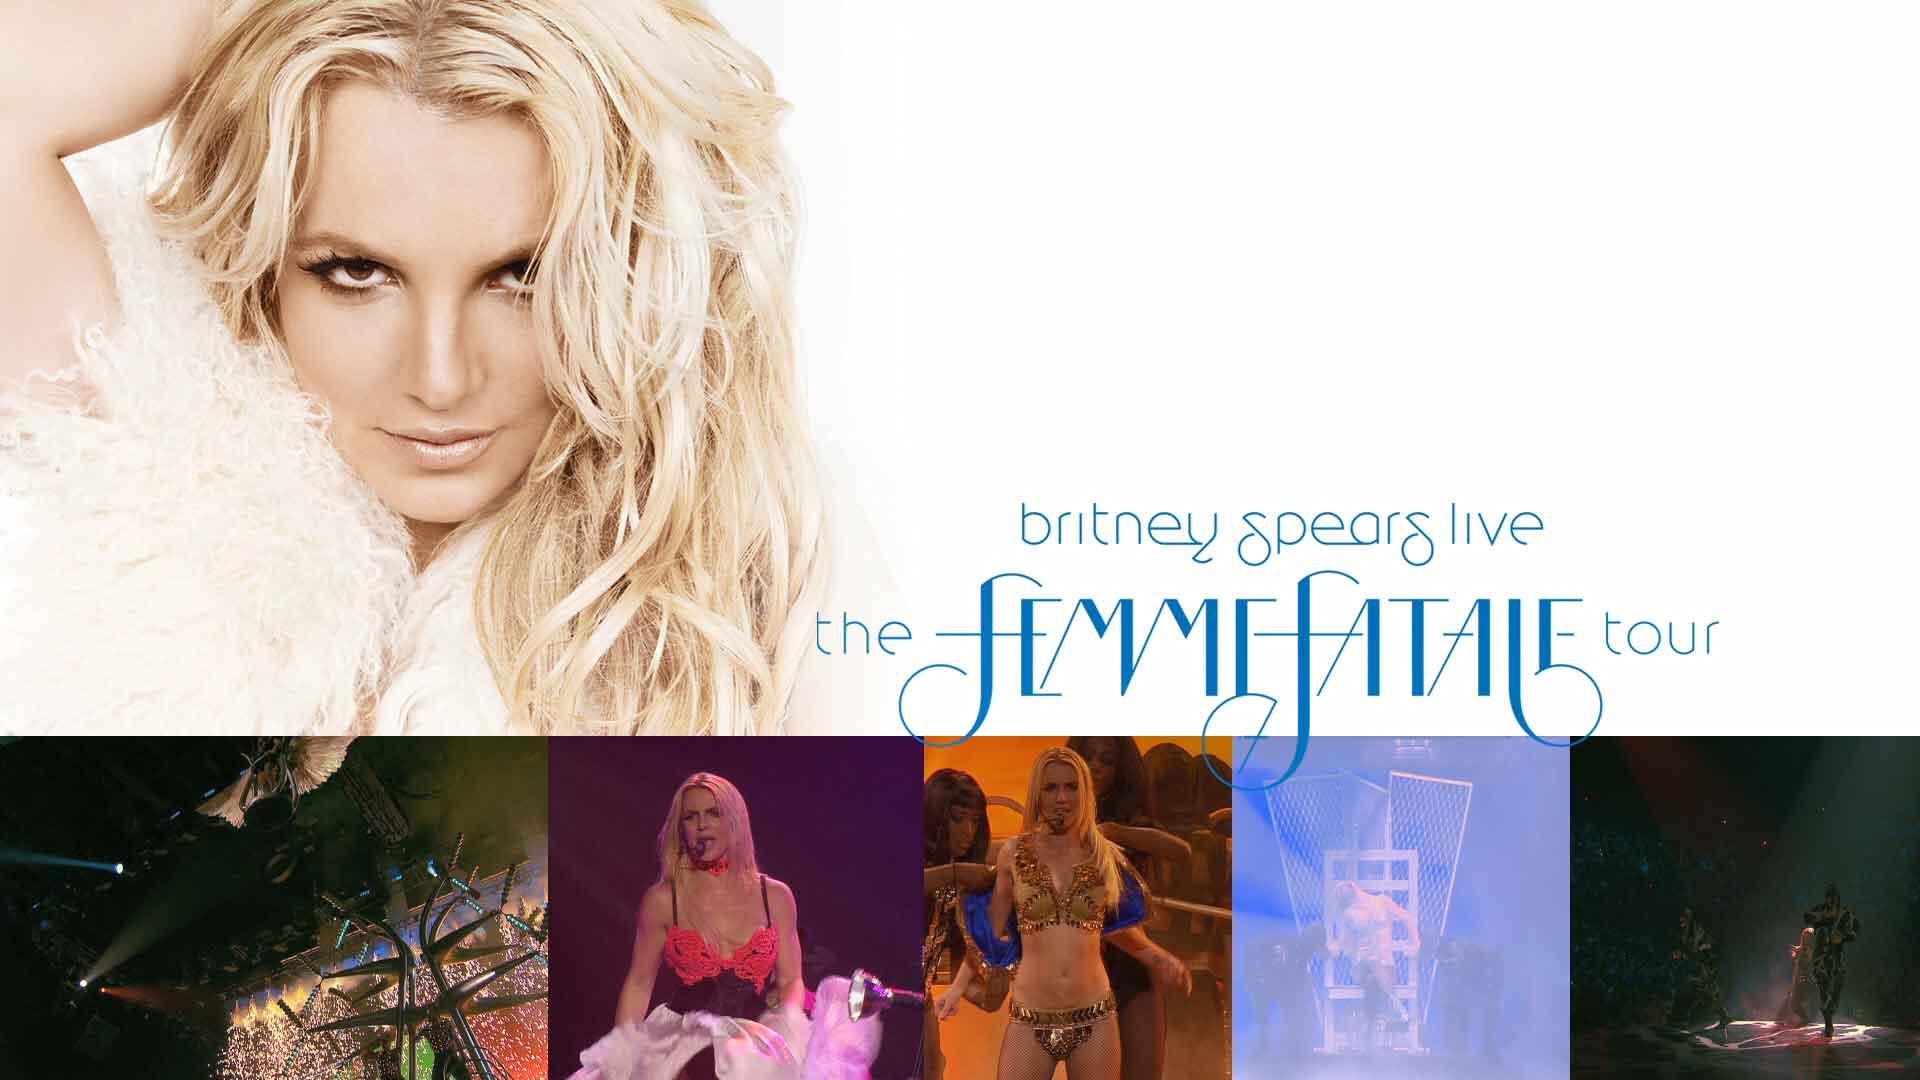 [蓝光原盘] 布兰妮(Britney Spears)蛇蝎美人巡回演唱会 2011《BDMV 23g》